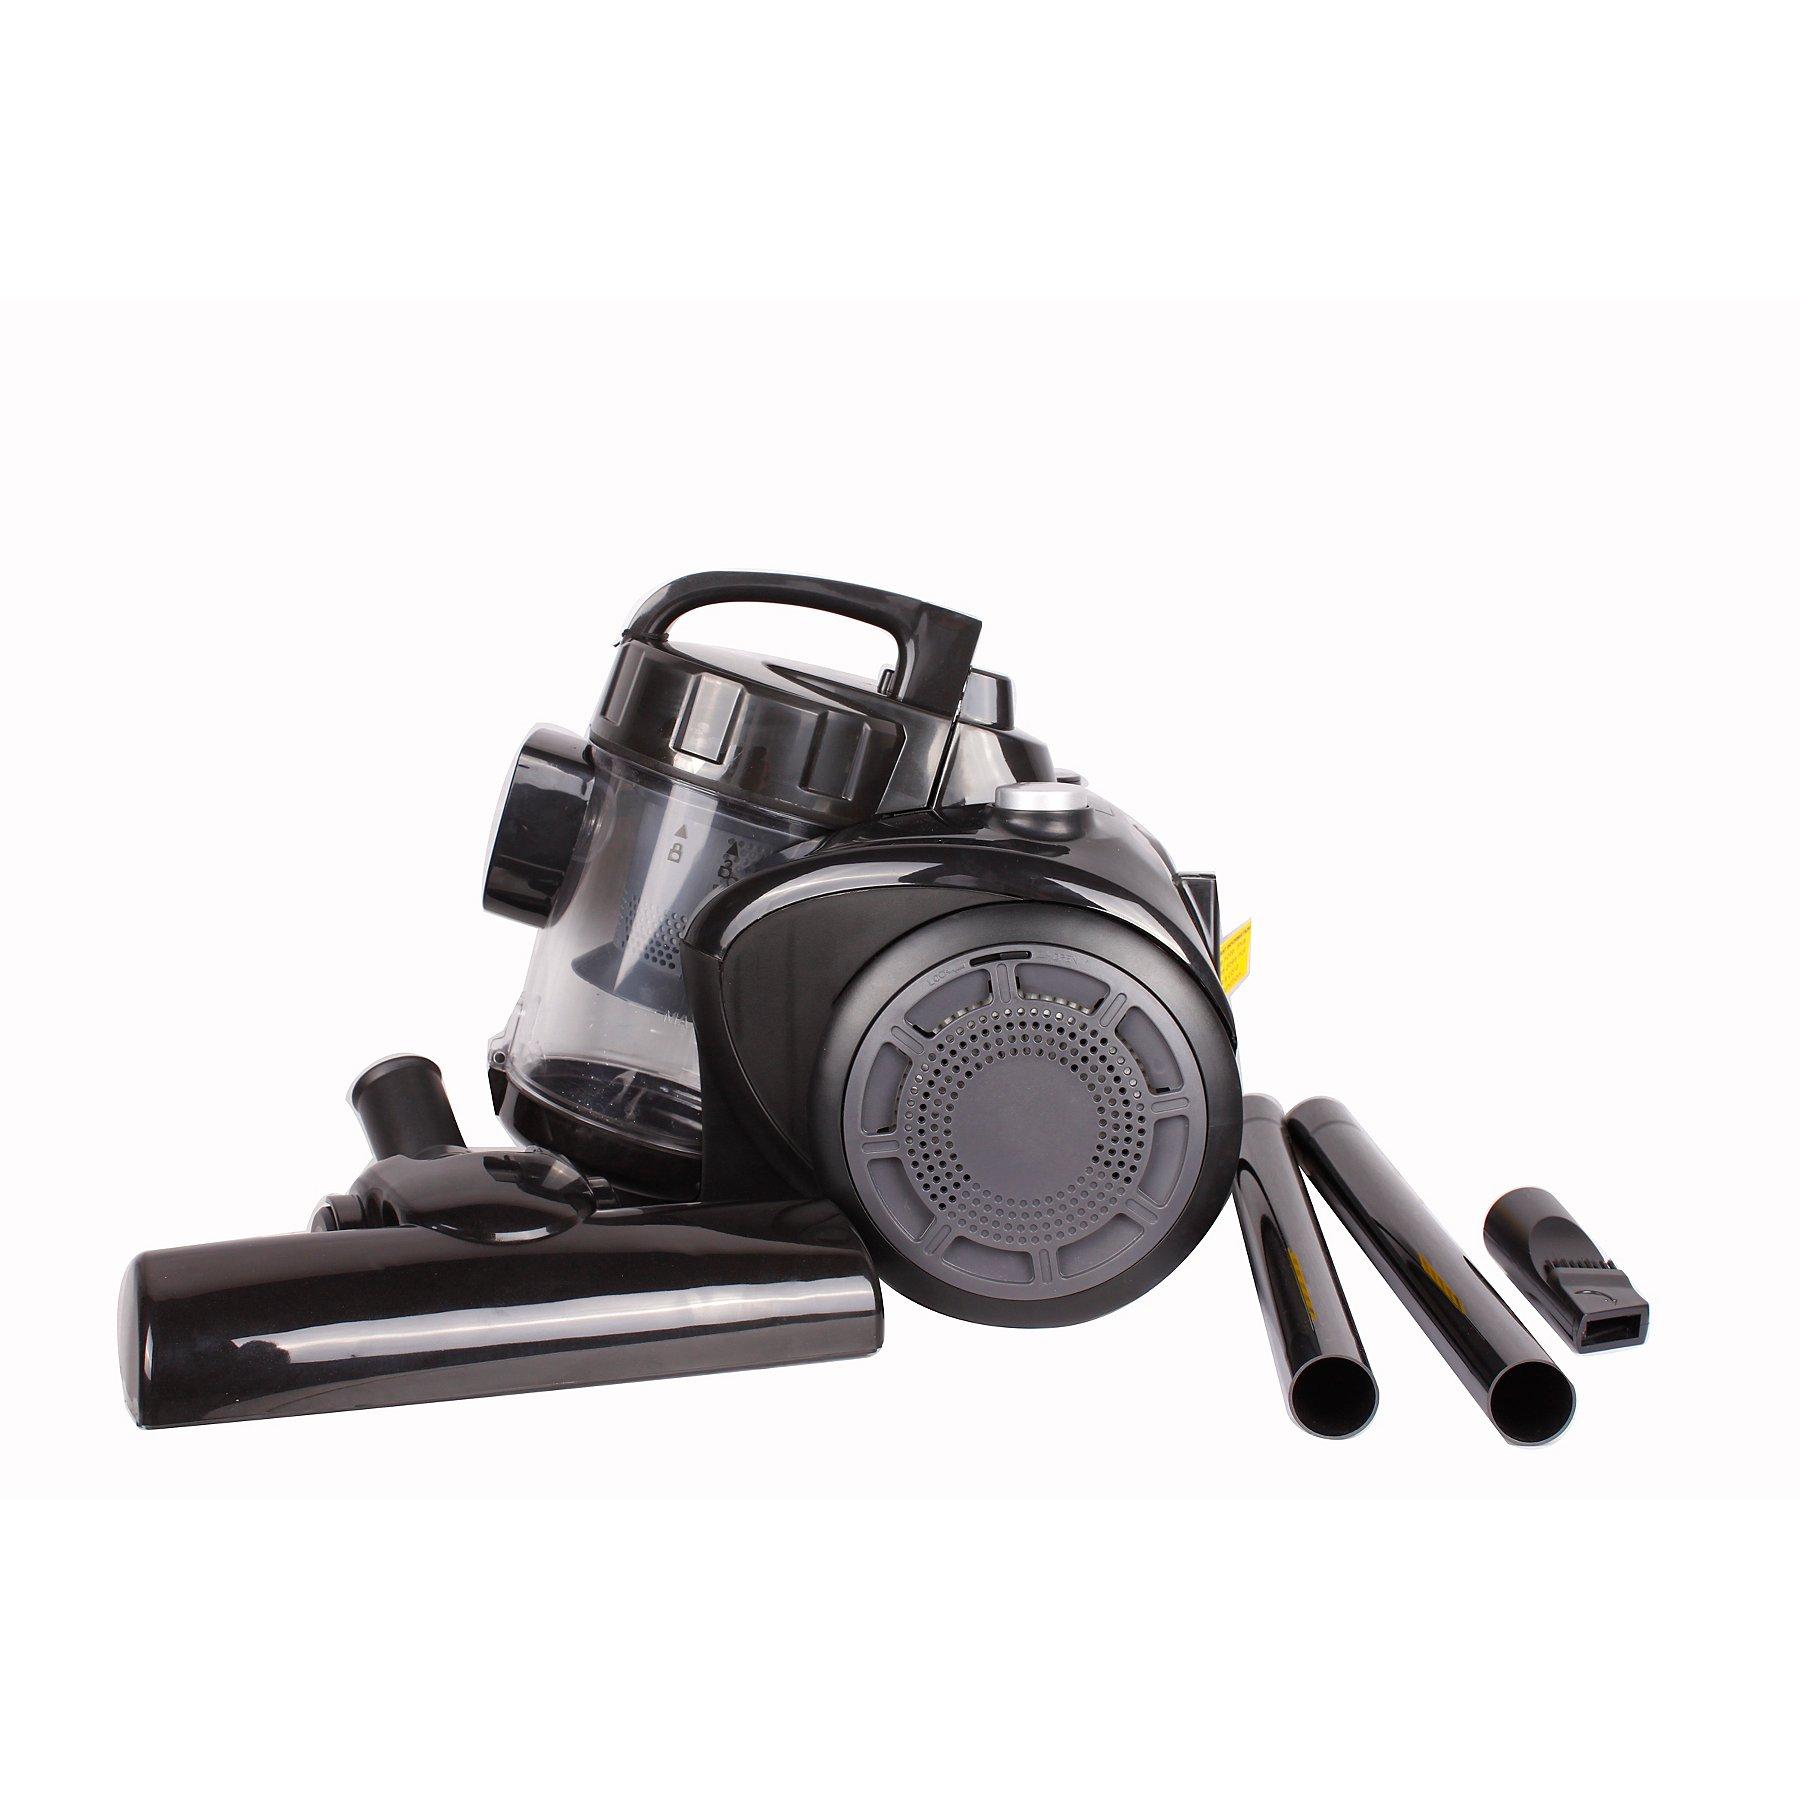 Goblin Essentials vacuum cleaner £25 @ ASDA